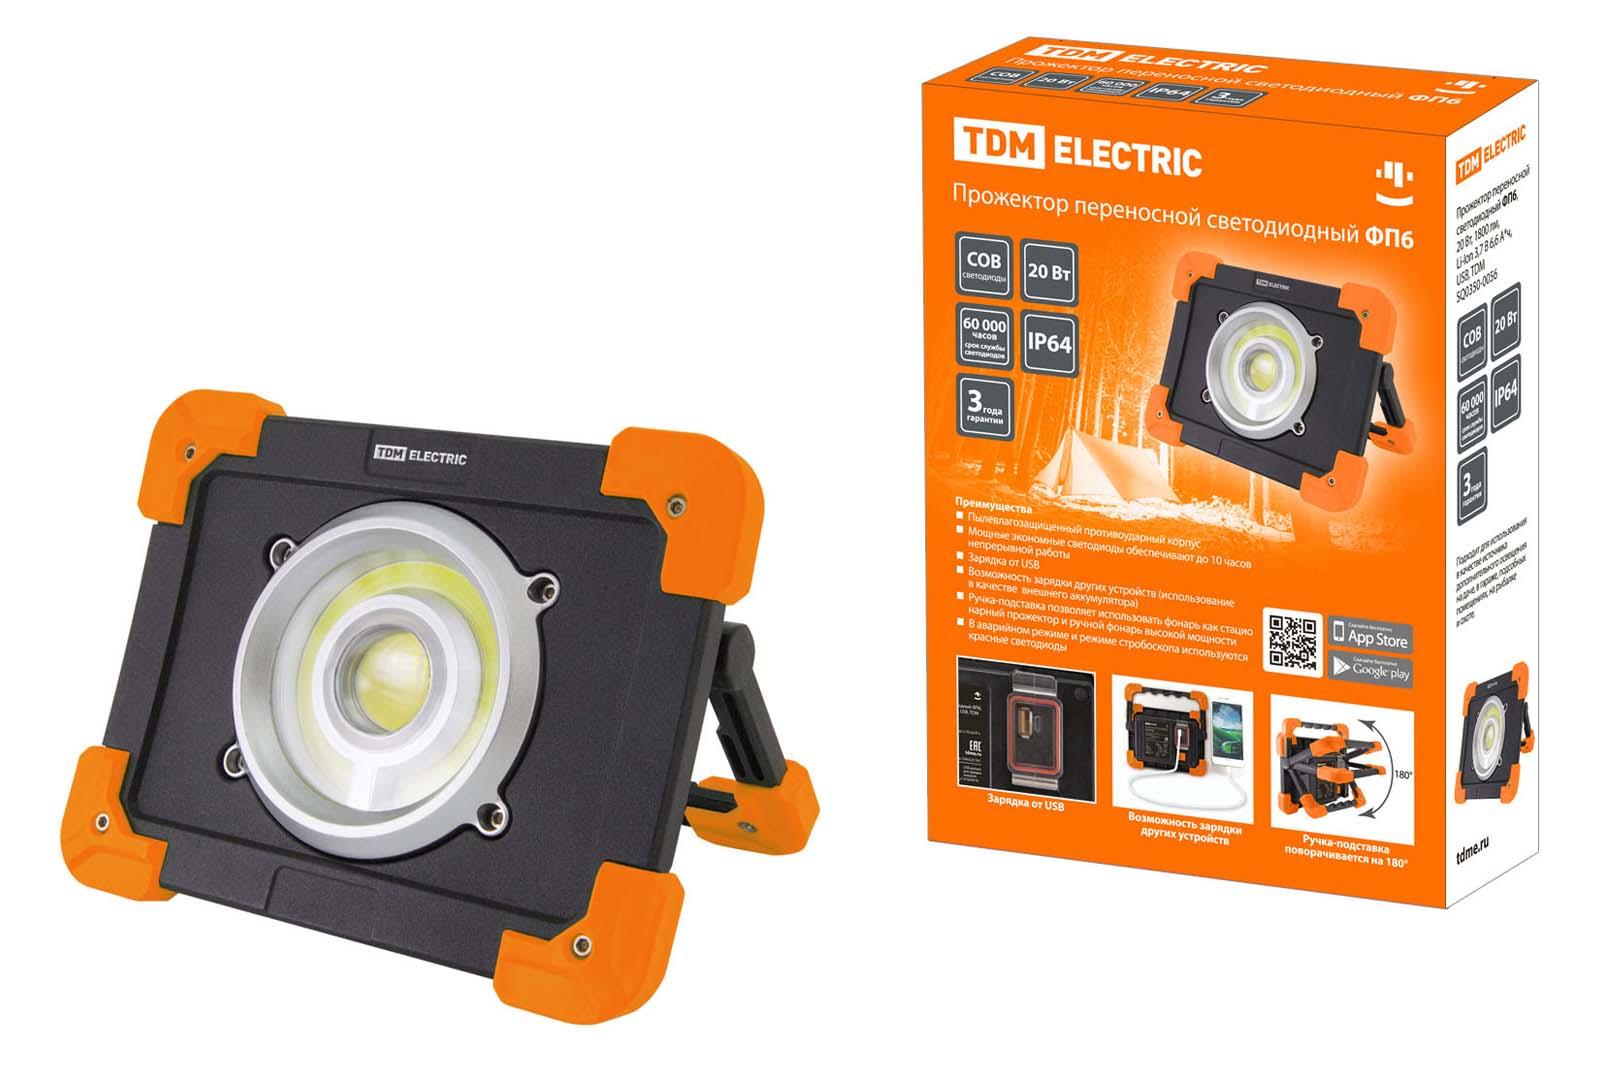 Фото Прожектор переносной светодиодный ФП6, 20 Вт, 1800 лм, Li-Ion 3,7 B 6,6 A*ч, USB, TDM {SQ0350-0056}